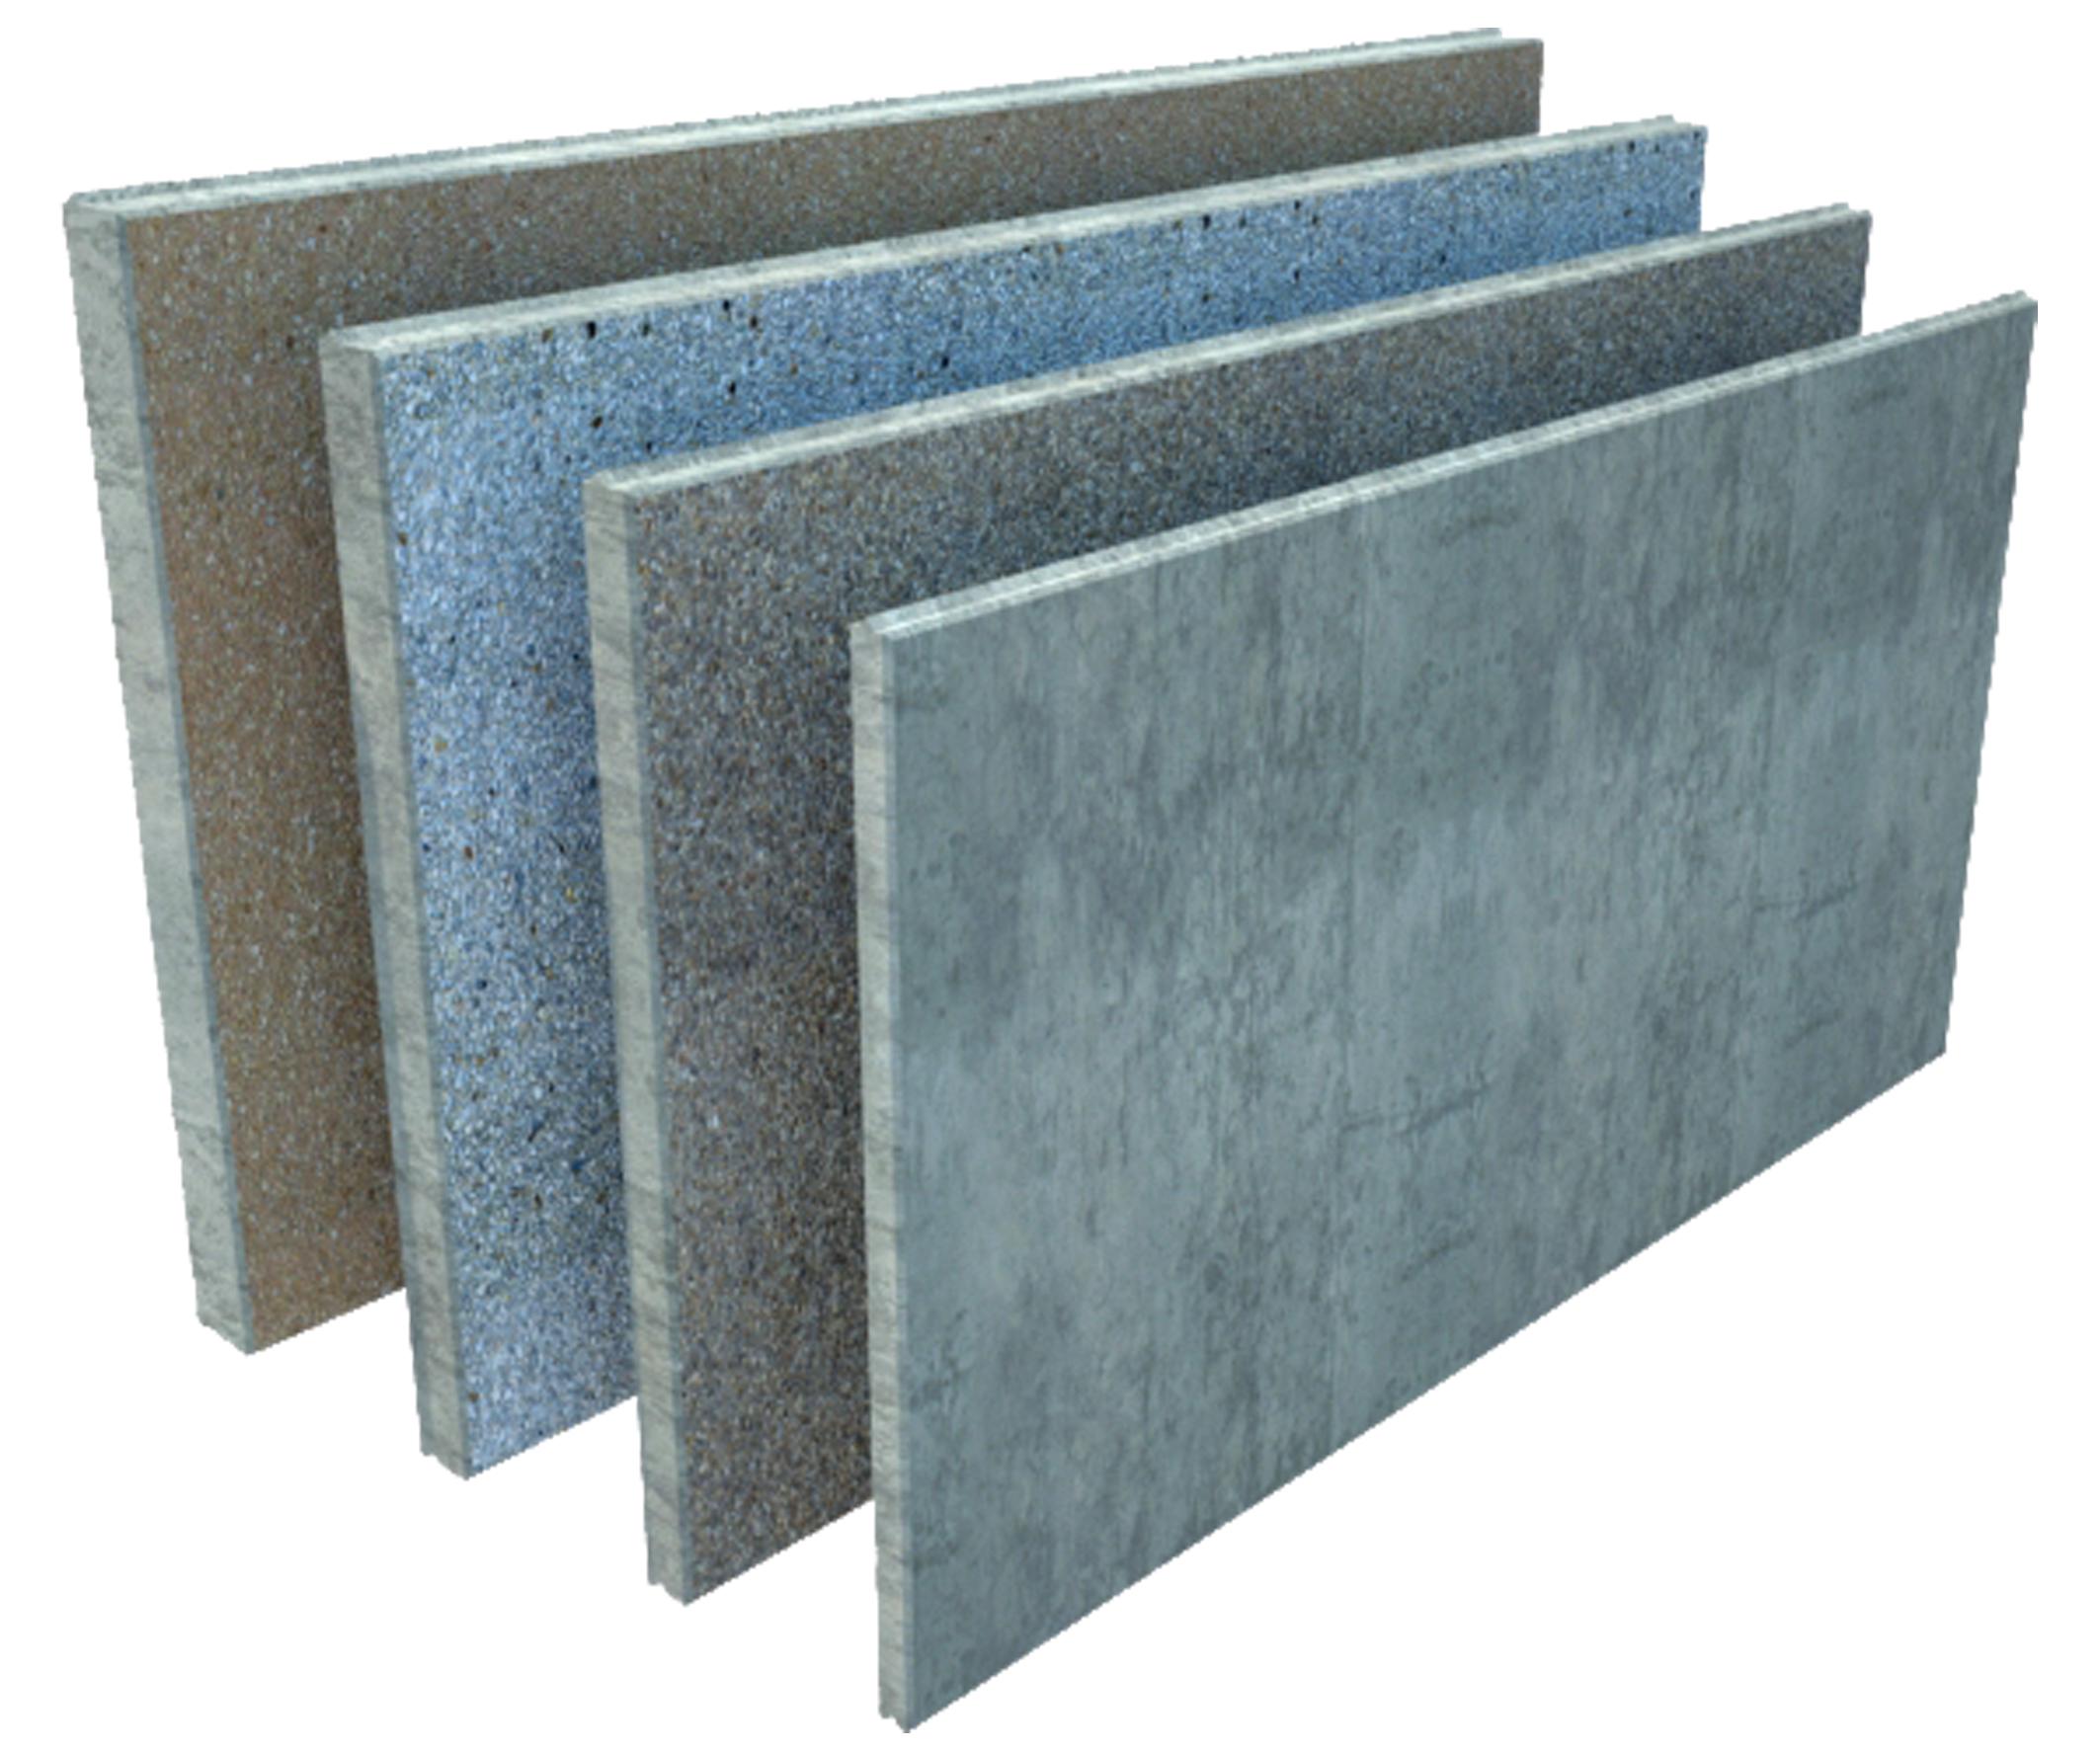 Los paneles prefabricados de hormigon - Hormigon prefabricado precio ...